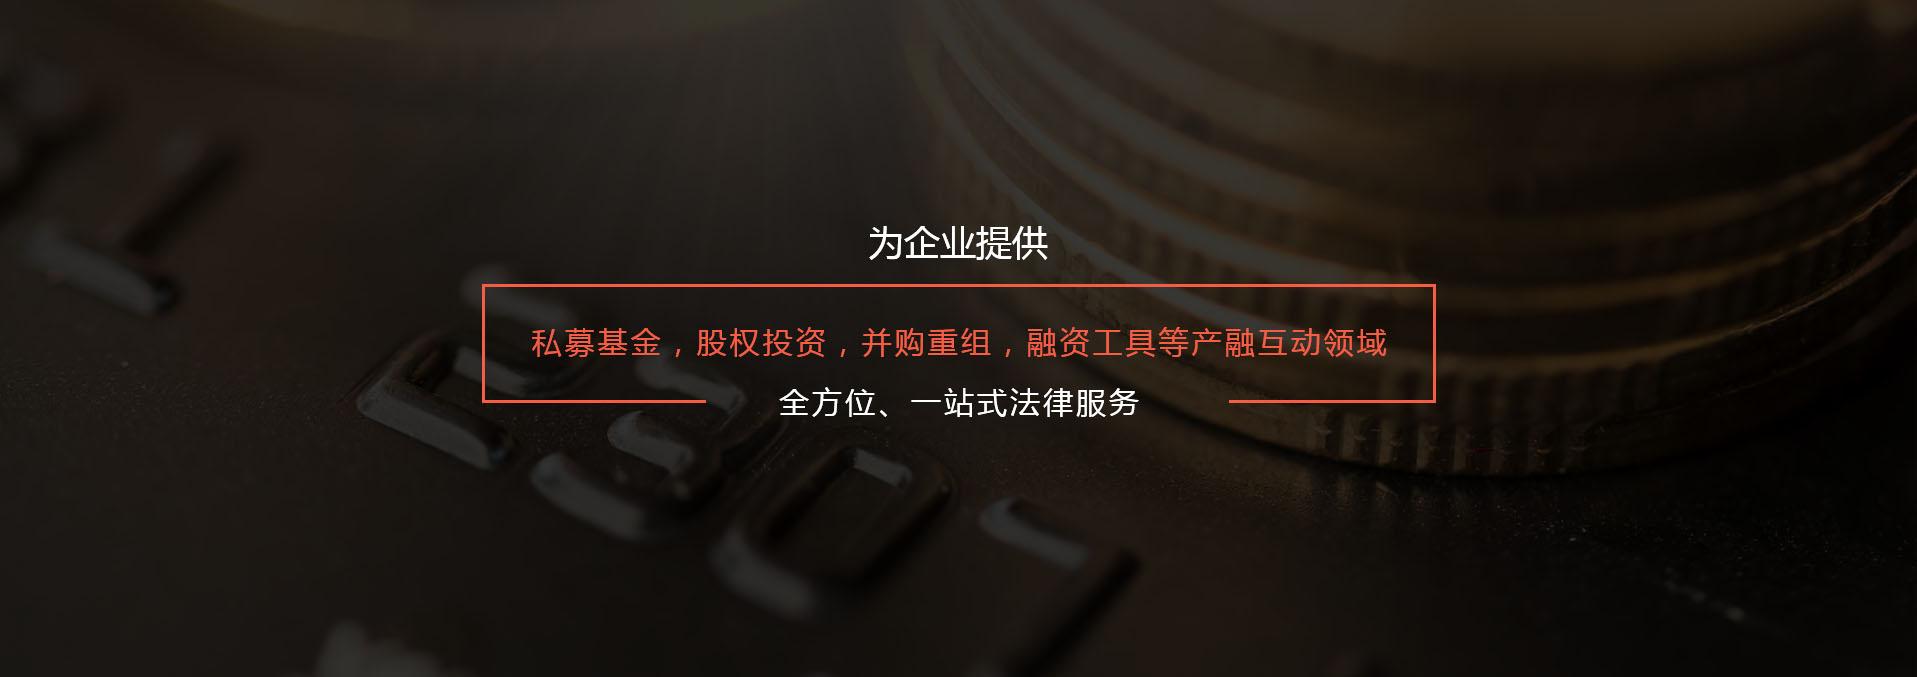 上海产业并购基金法律咨询